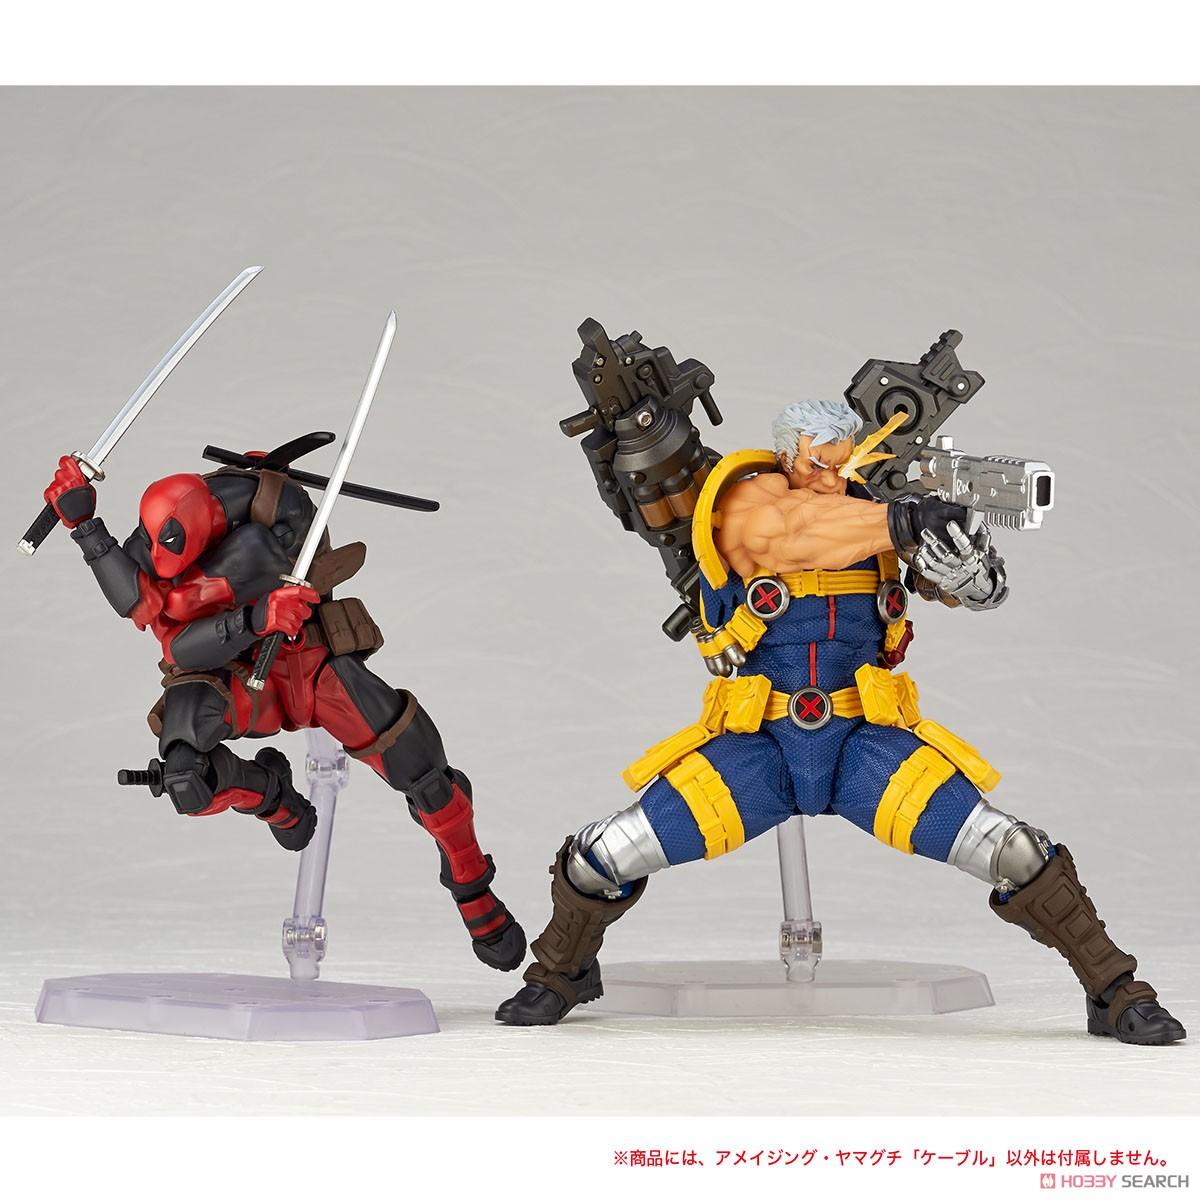 フィギュアコンプレックス アメイジング・ヤマグチ No.020『ケーブル』X-MEN 可動フィギュア-013